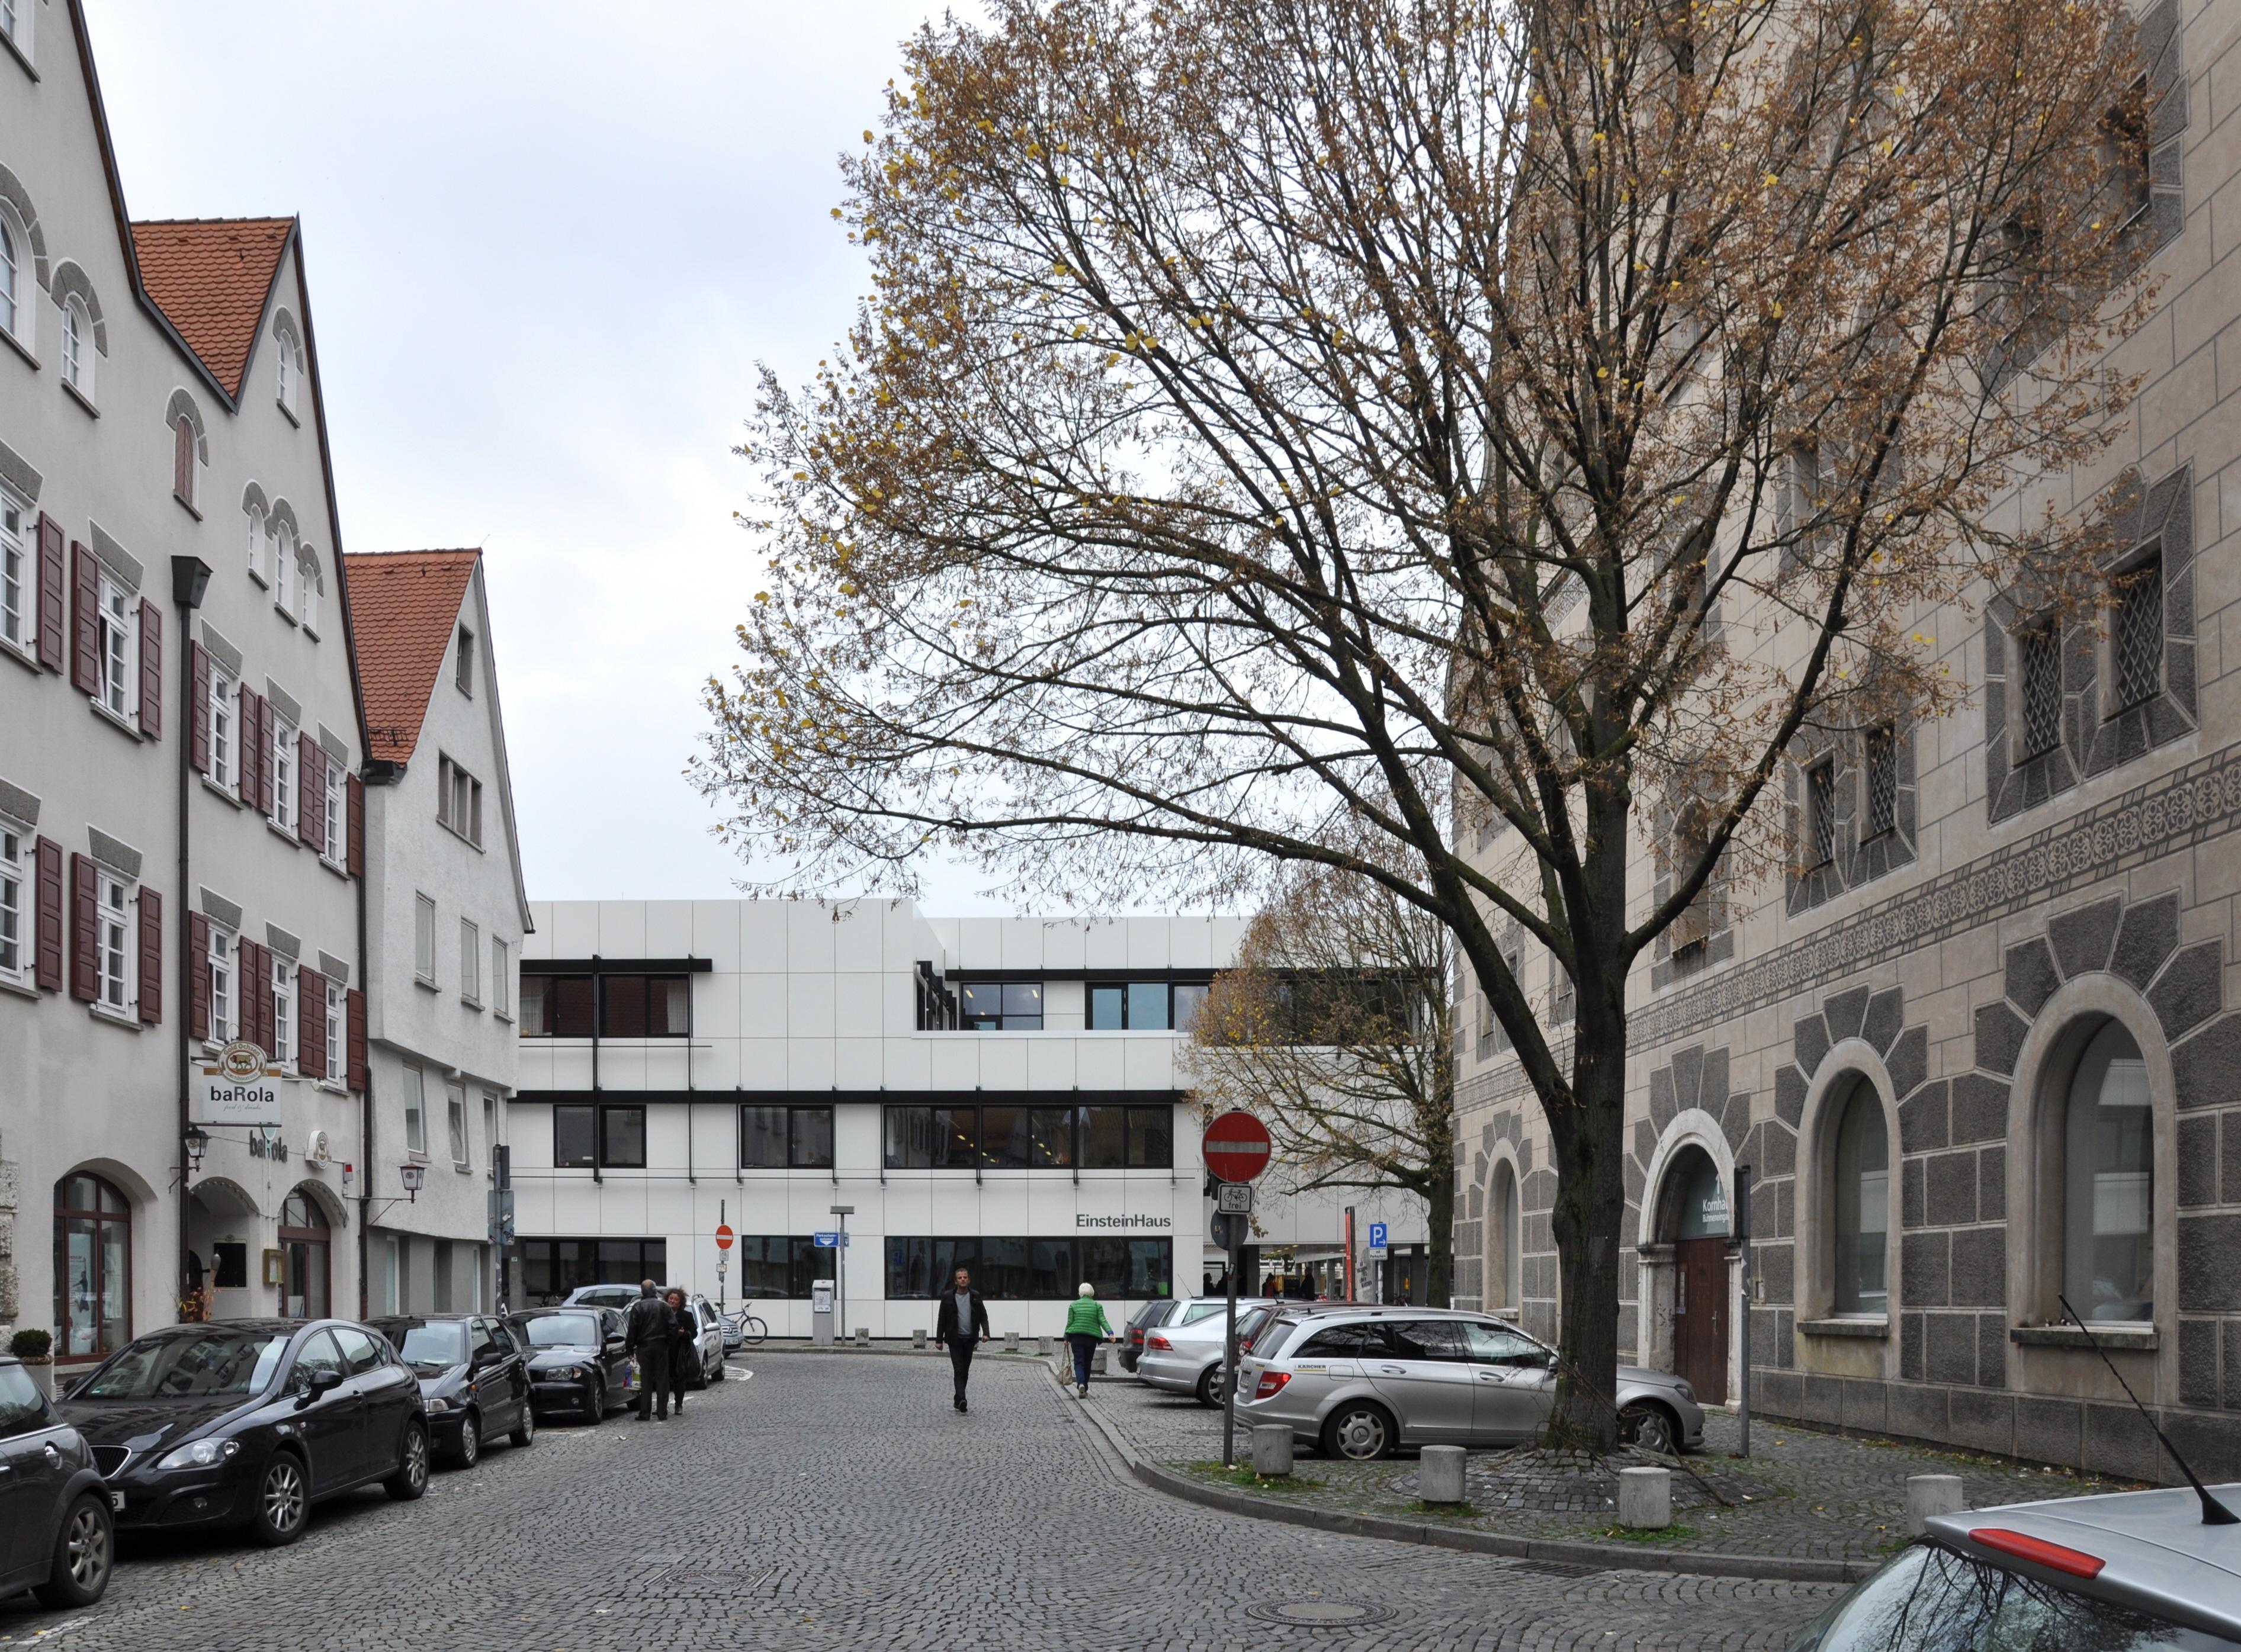 File:Ulm Kornhausplatz Blick zum Einsteinhaus.jpg - Wikimedia Commons